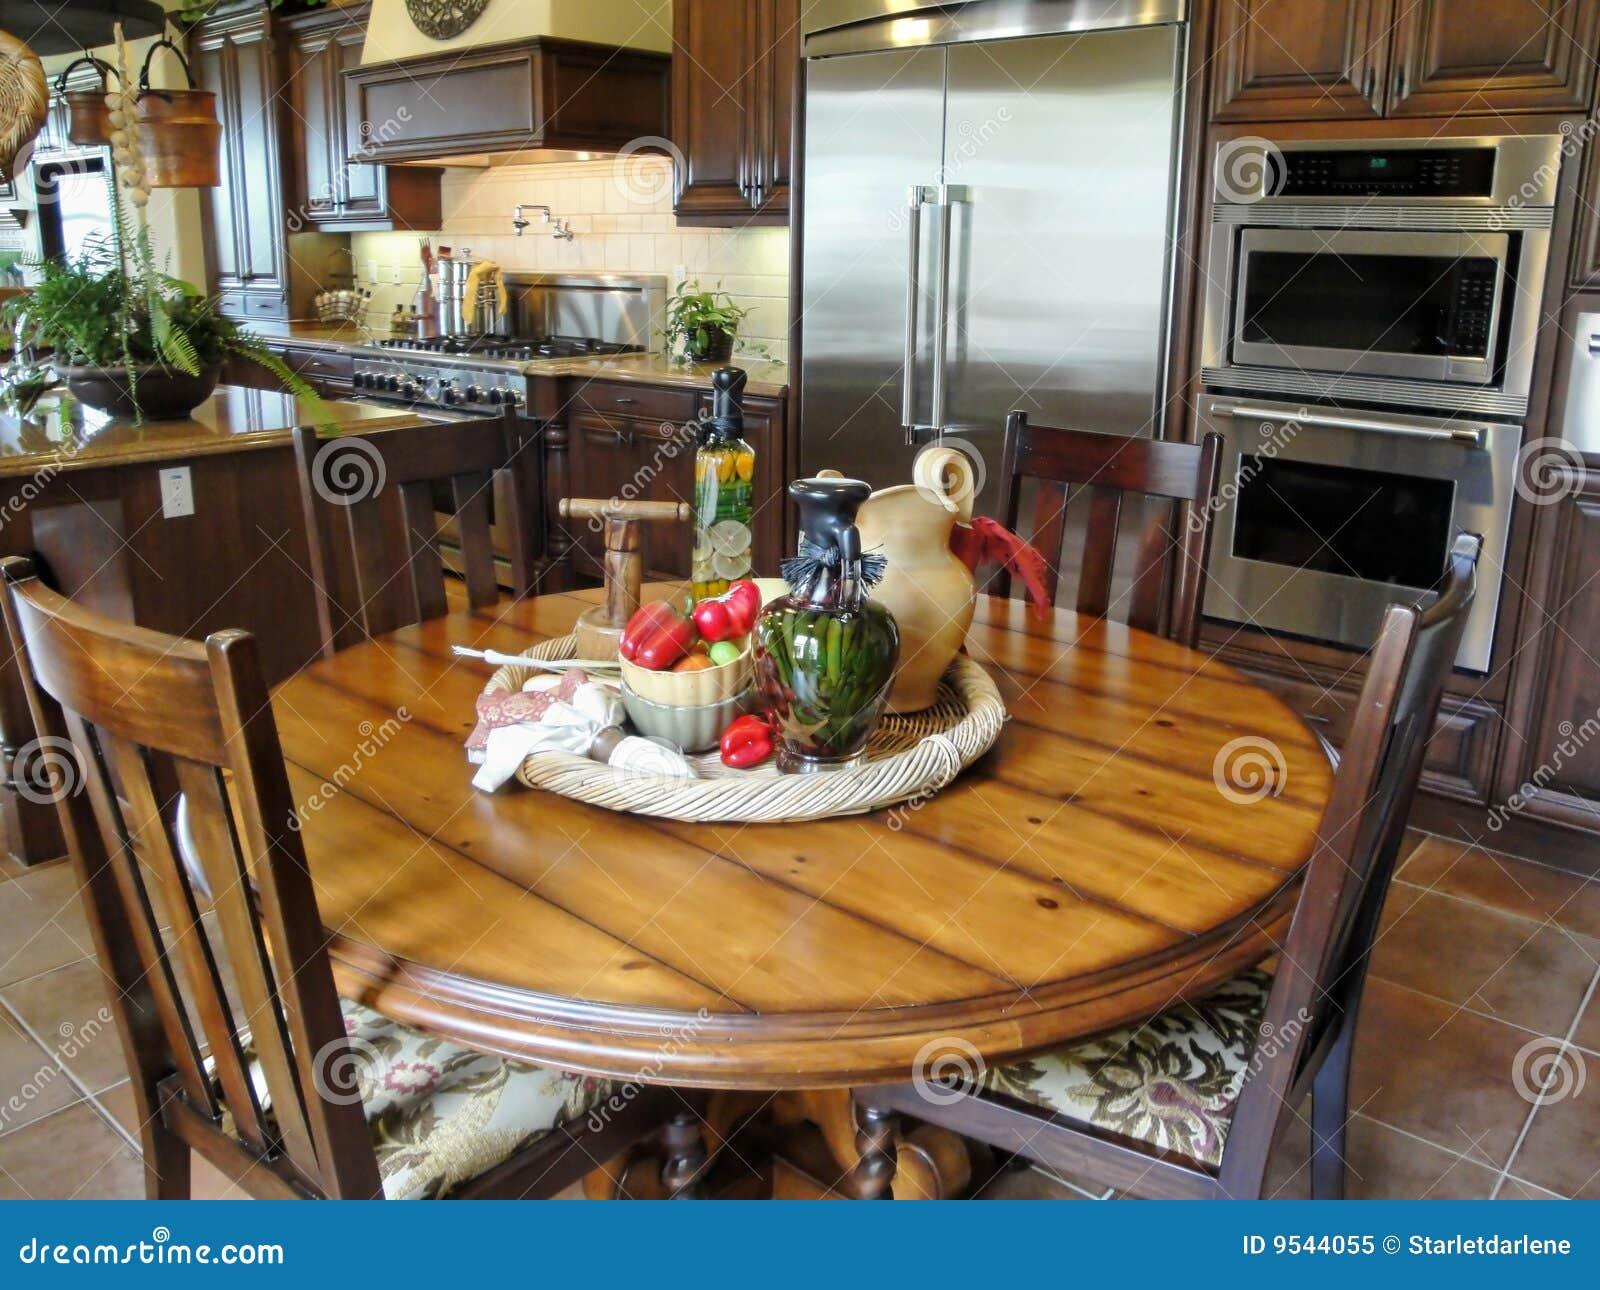 beautiful italian style kitchen stock photos - image: 9544043